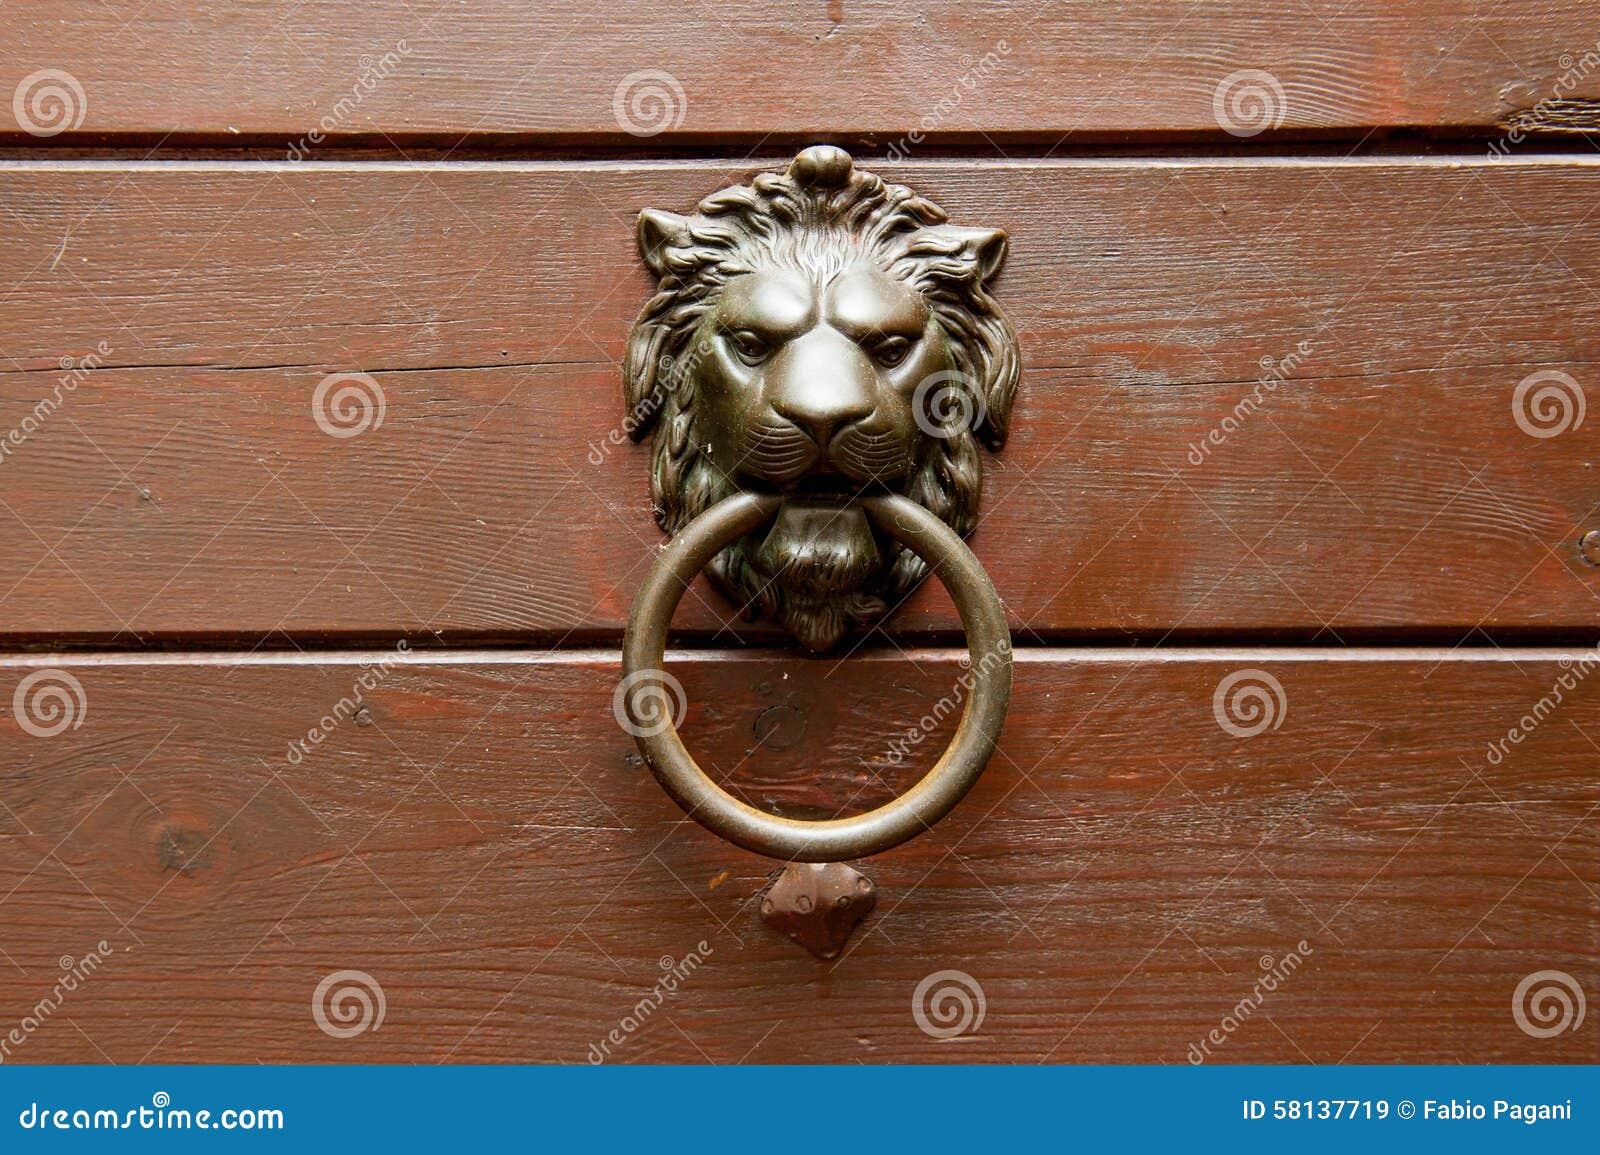 Poignée En Bronze De Tête De Lion Sur La Porte En Bois